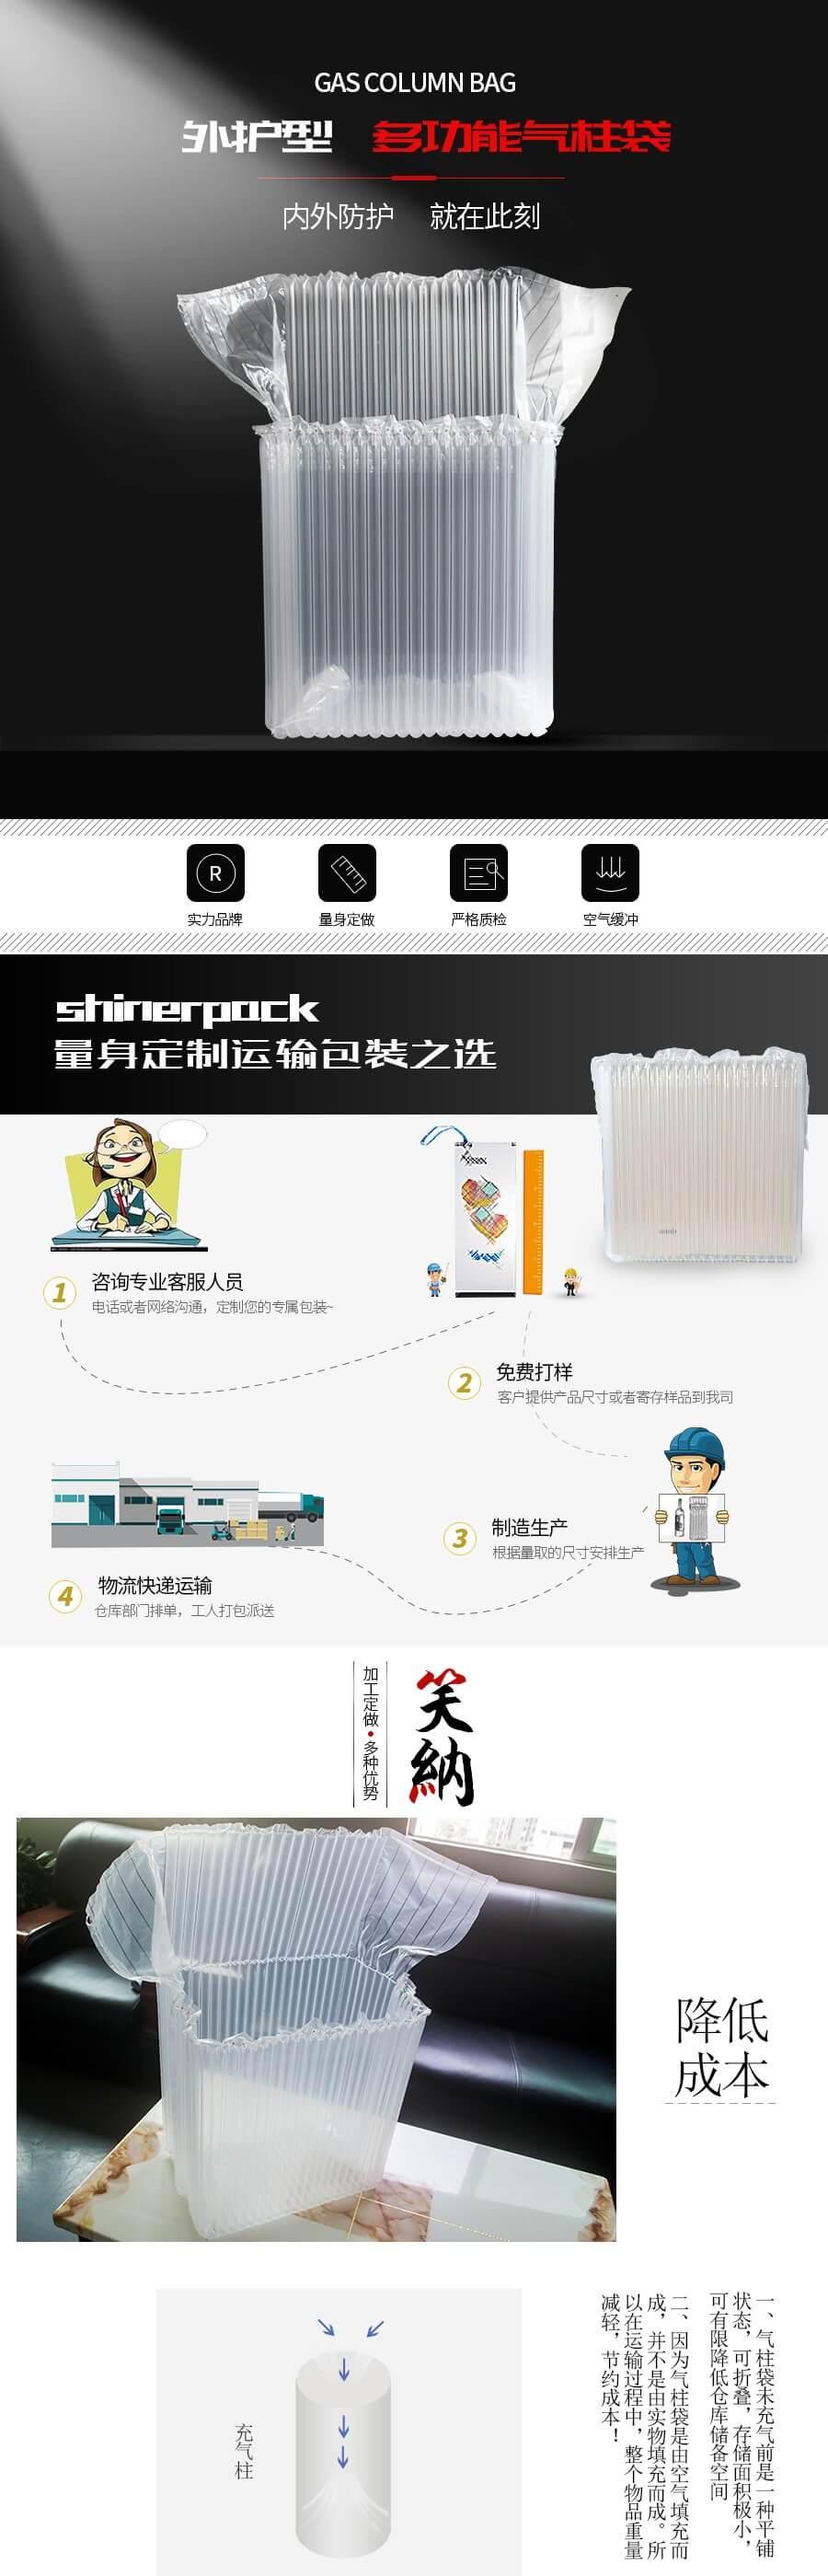 气柱袋|气泡柱|充气袋|气柱袋厂家